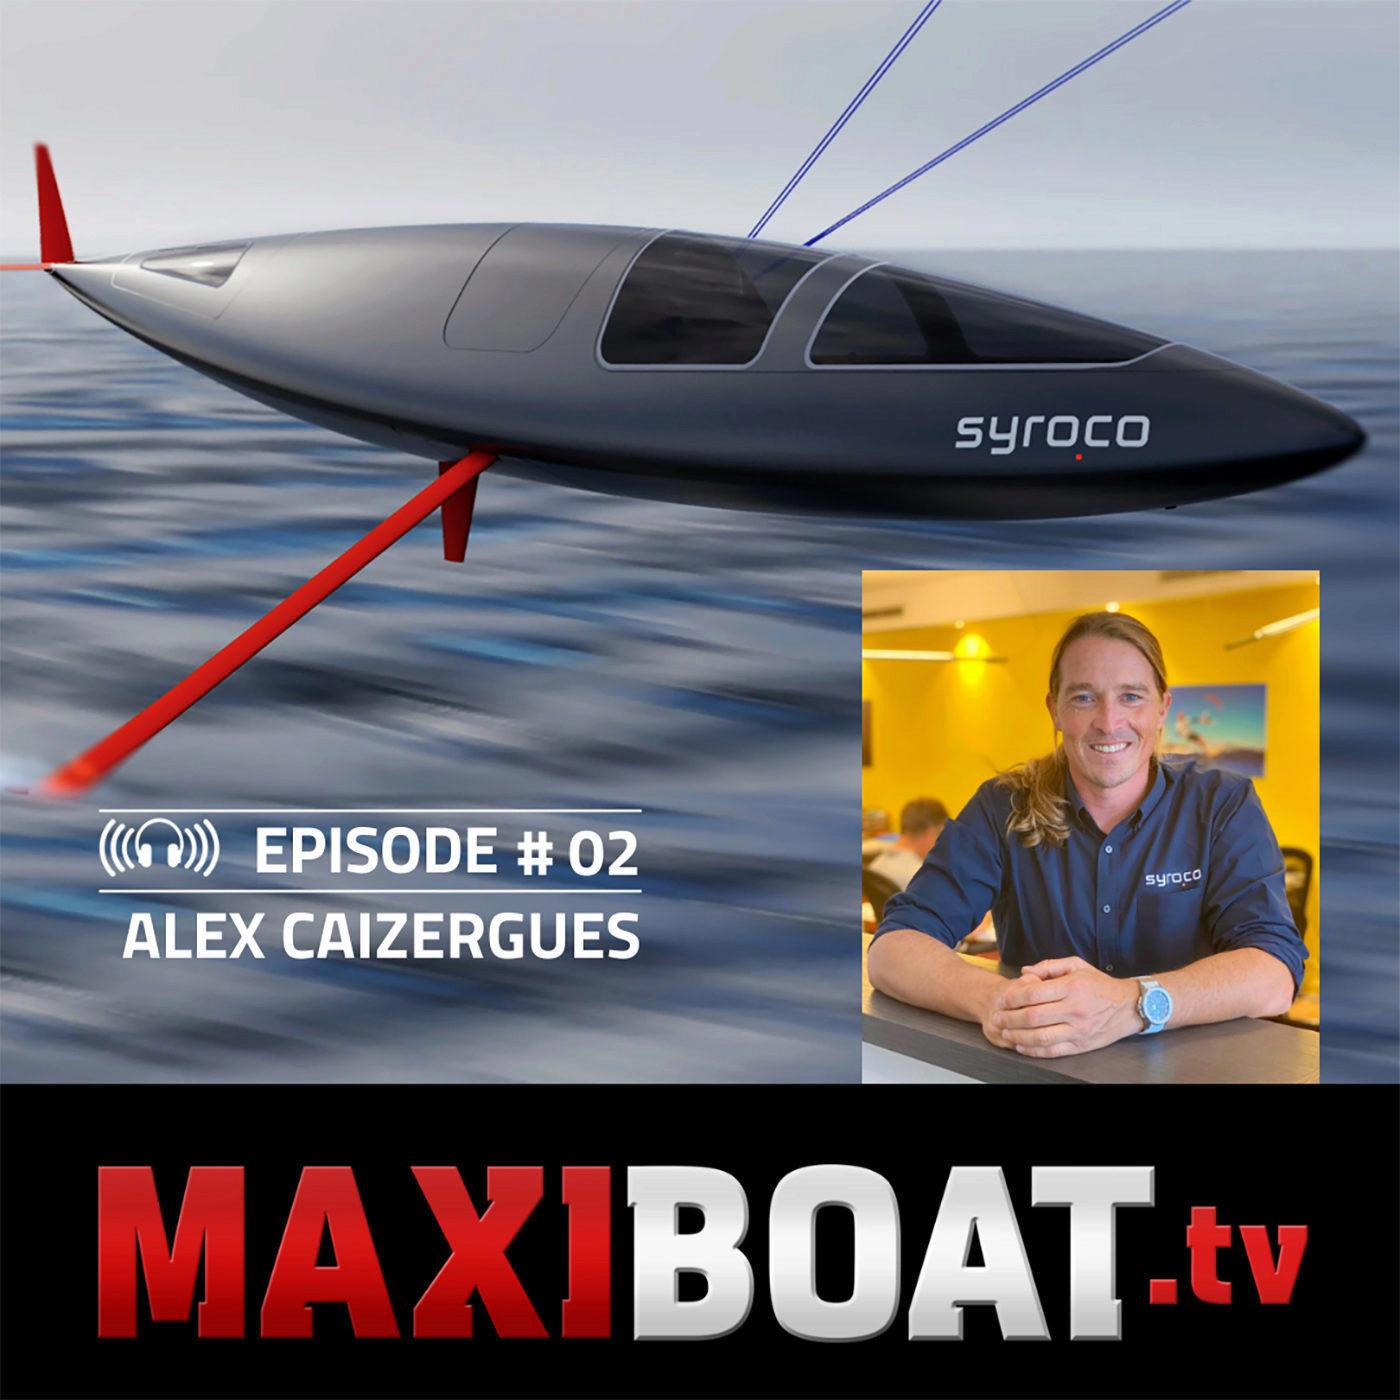 #2 - Objectif 150 km/h sur l'eau avec Alex Caizergues, recordman de vitesse en Kite !